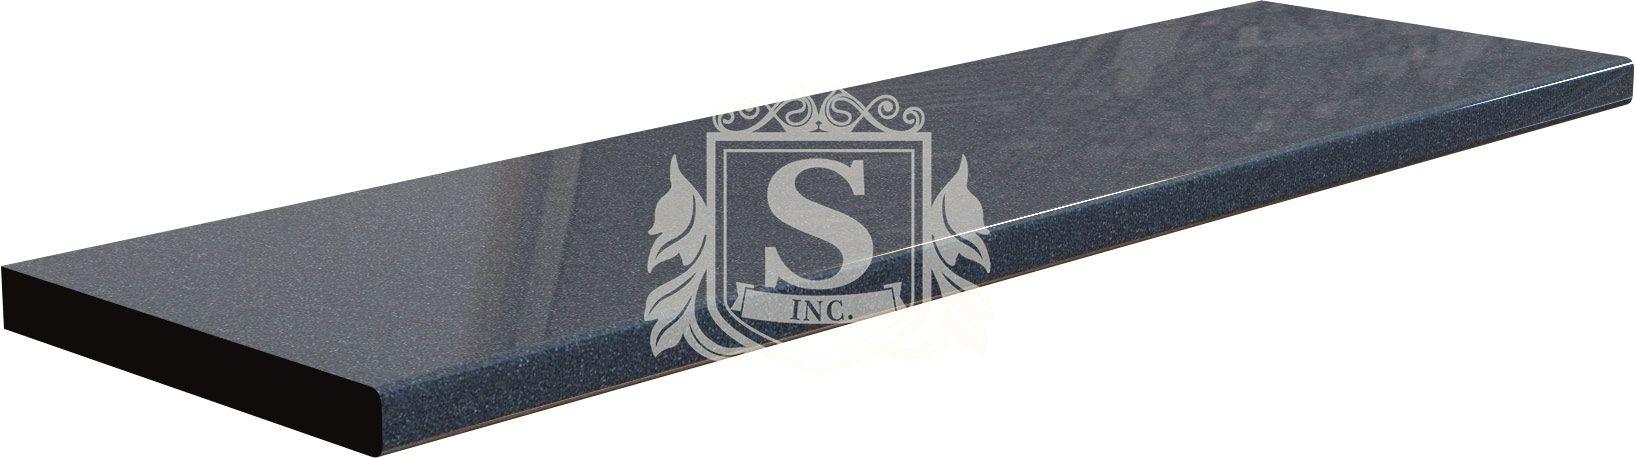 Столешница «Керамика черная» 1 м.п (38 мм)